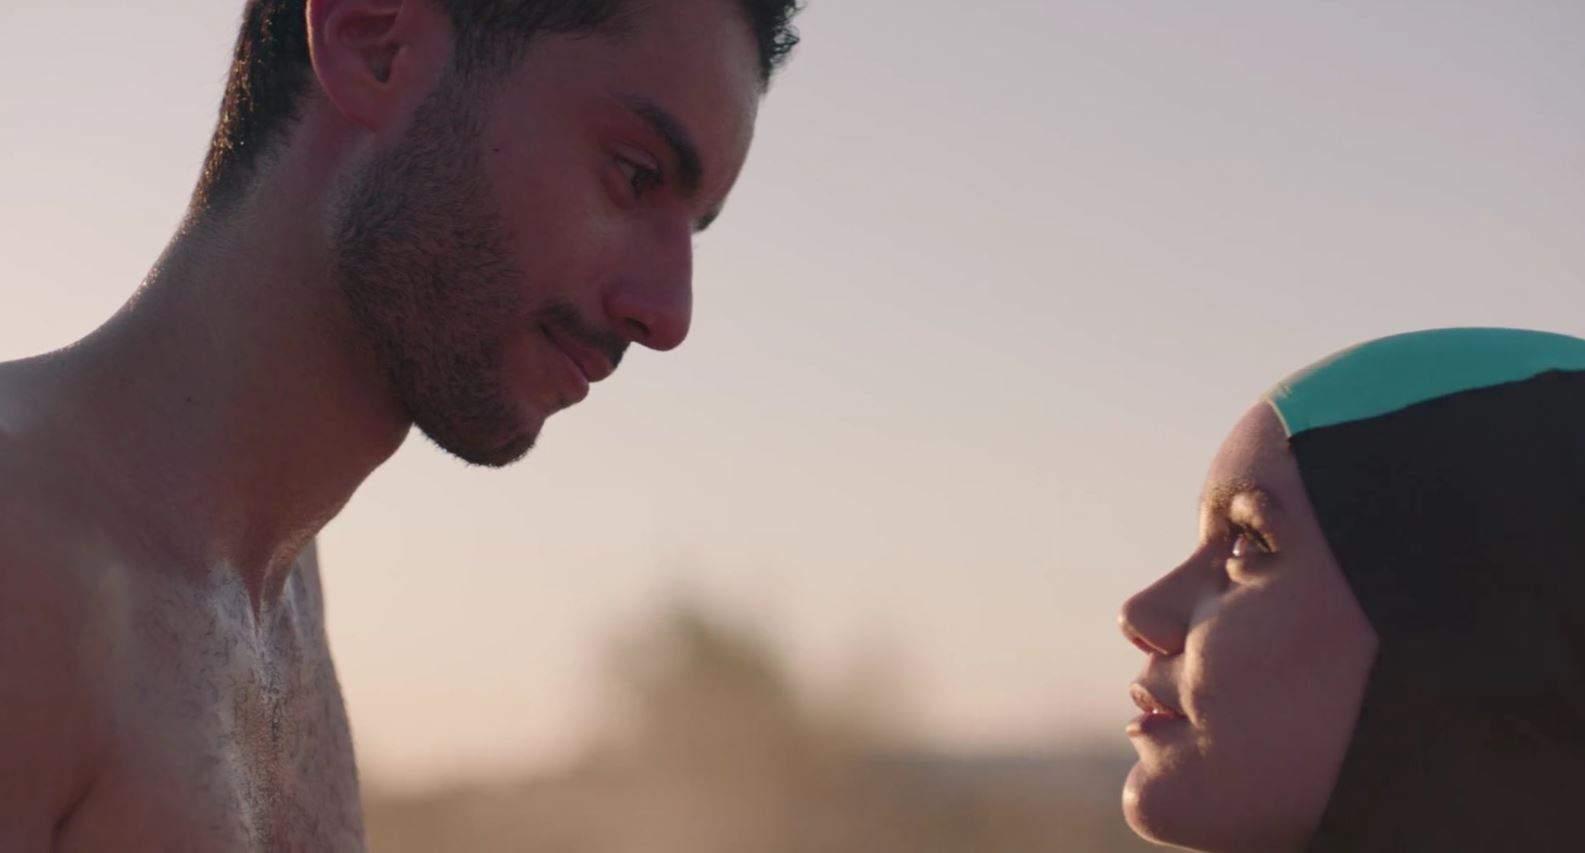 Skam Italia 4 la trama completa del nono episodio: Sana e Malik finalmente insieme